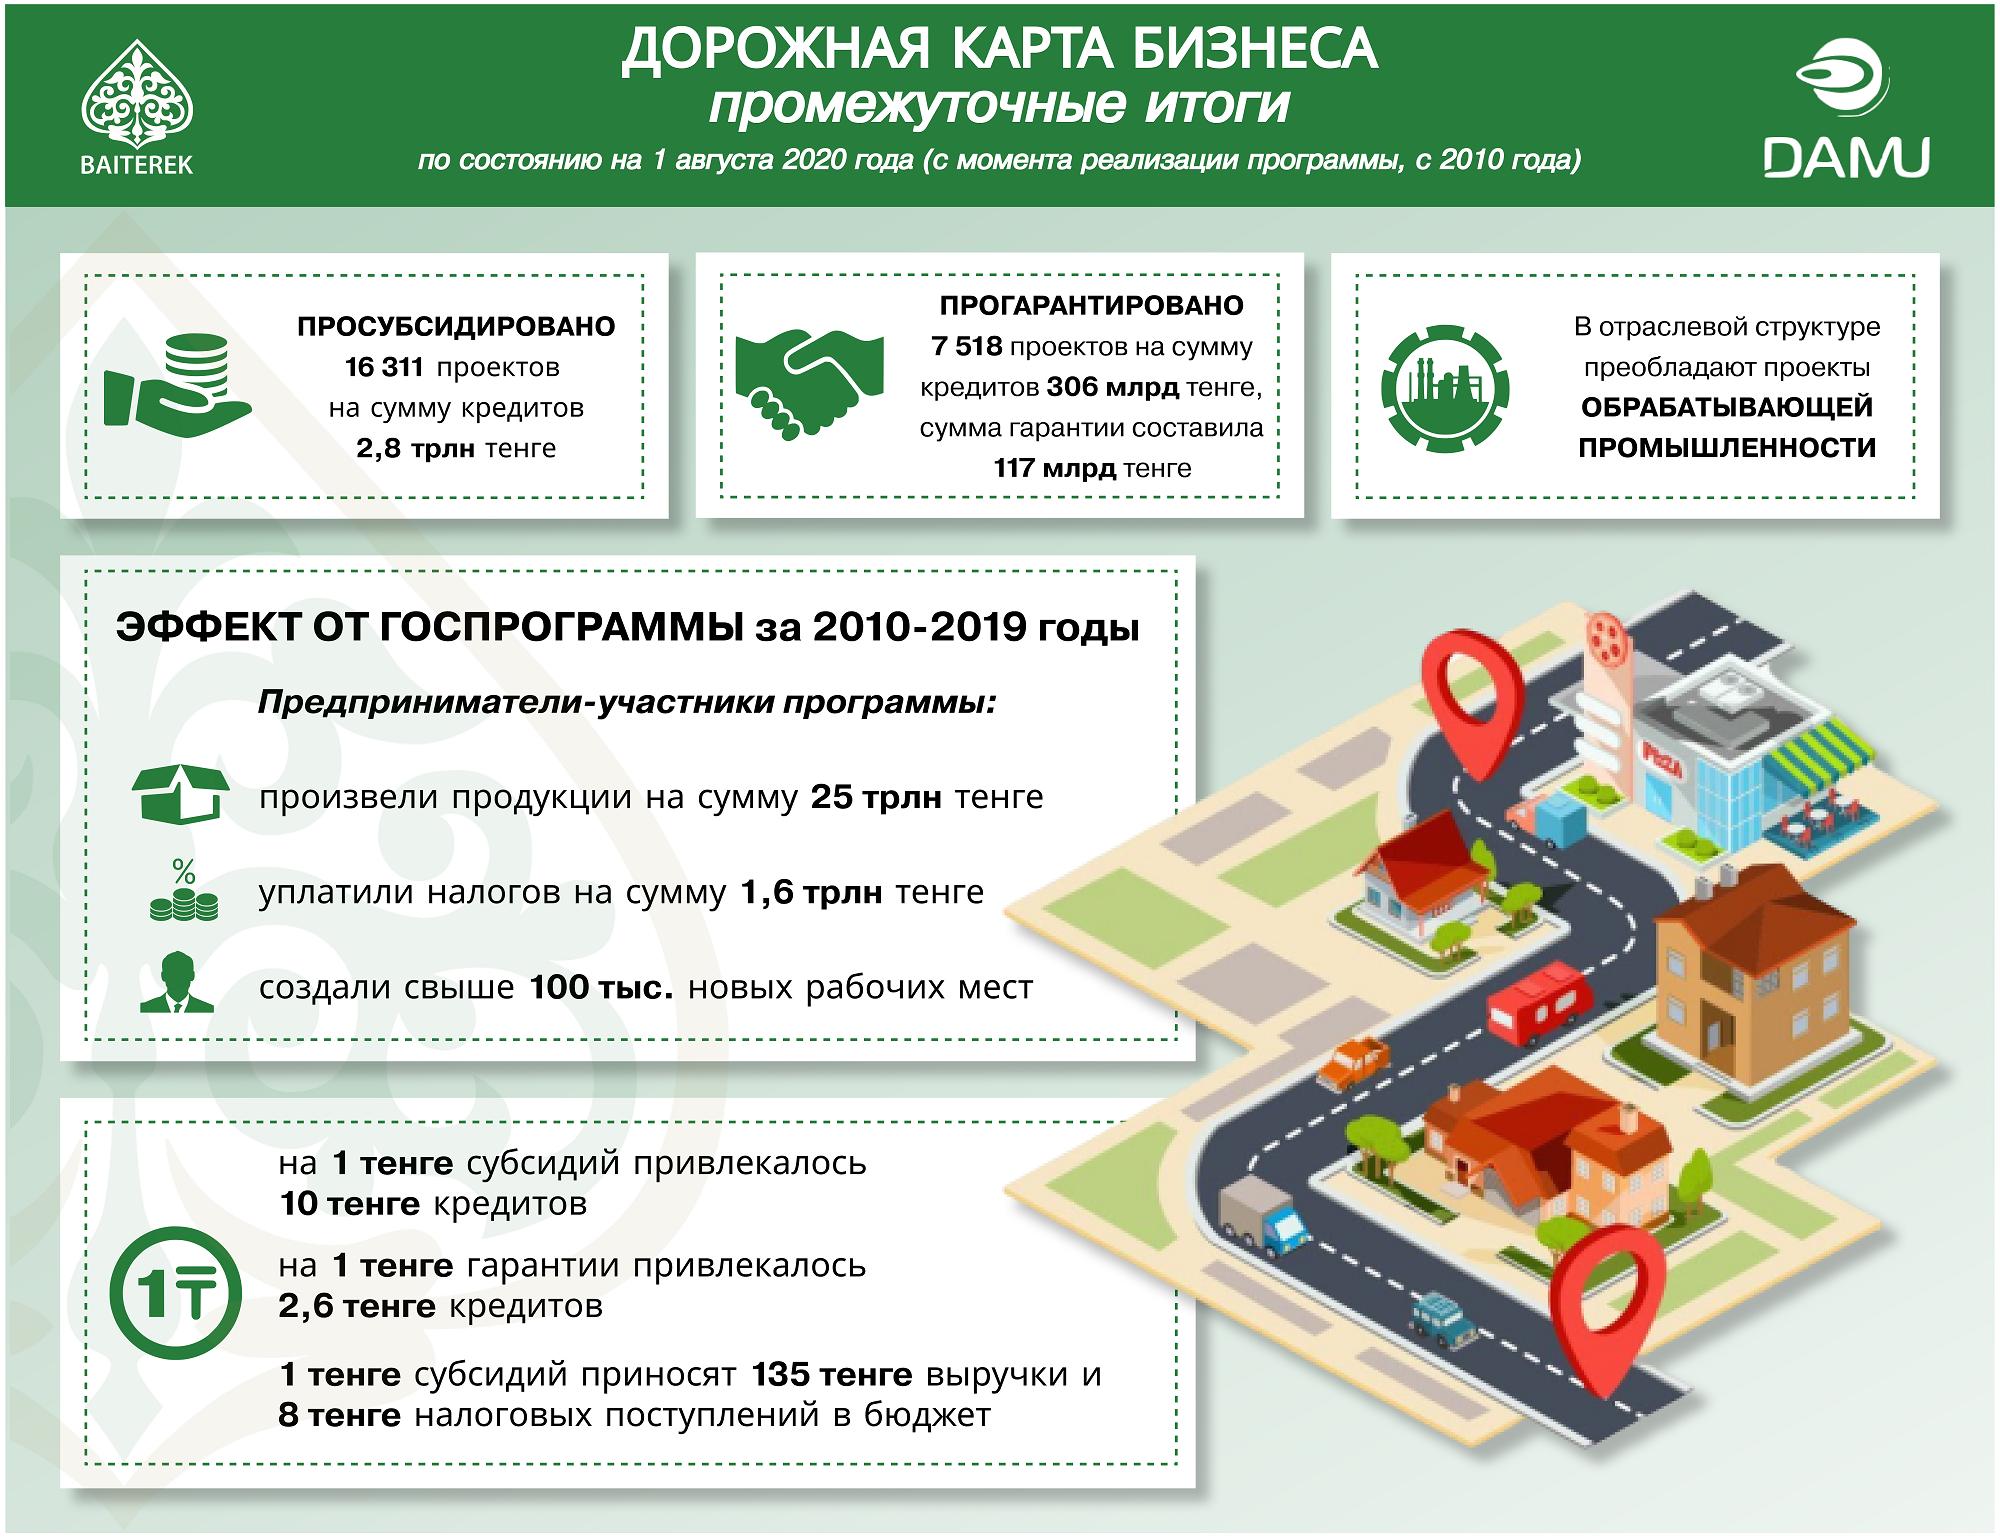 НУХ «Байтерек»: «ДКБ» помогла тысячам предпринимателей создать и масштабировать бизнес 399202 - Kapital.kz